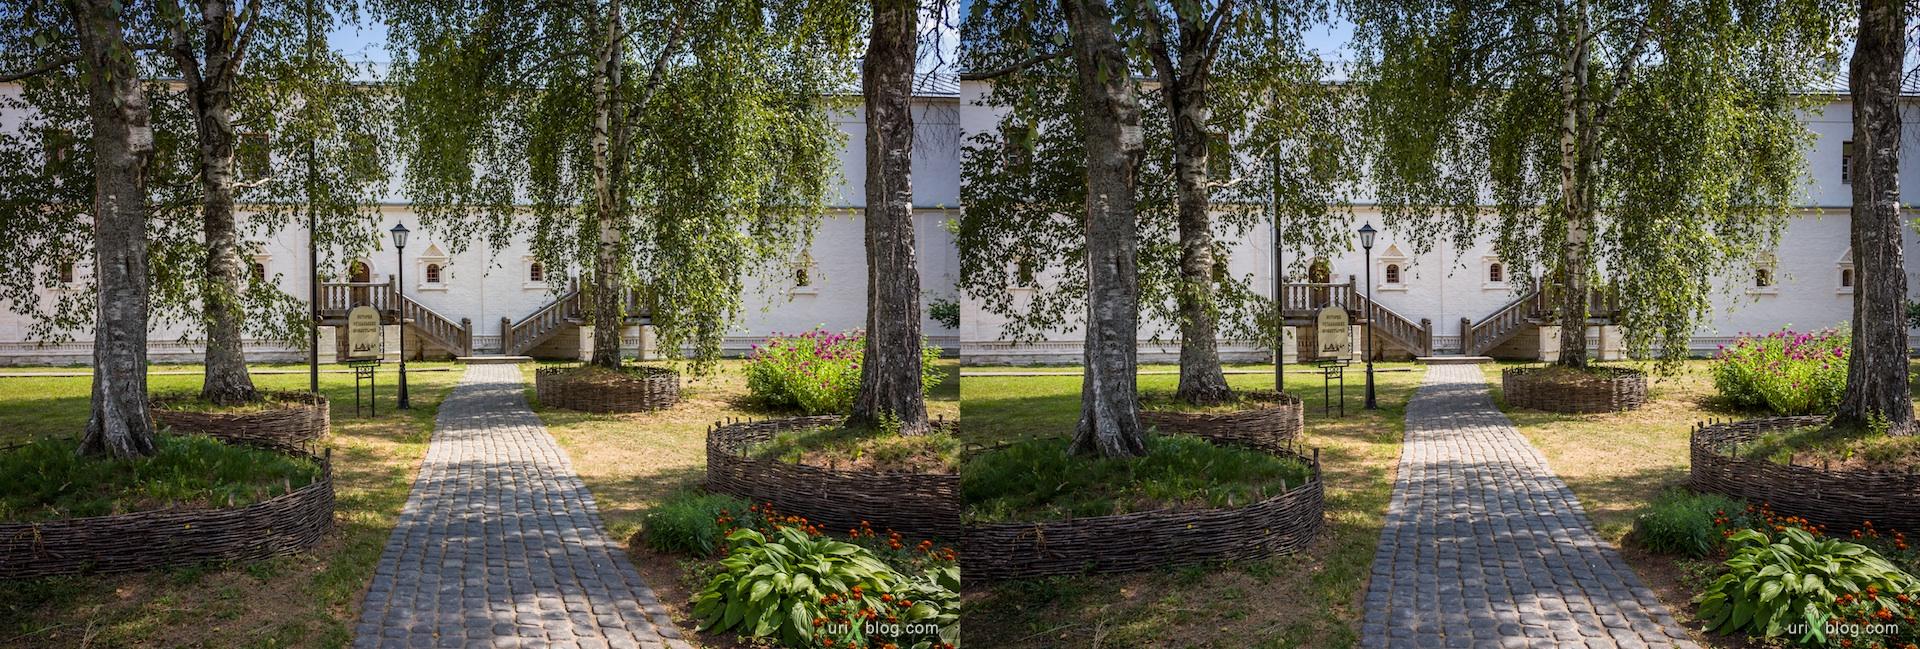 2012 Суздаль Владимирская область Спасо-Евфимиев монастырь, 3D, stereo, cross-eyed, стерео, стереопара Canon 600D